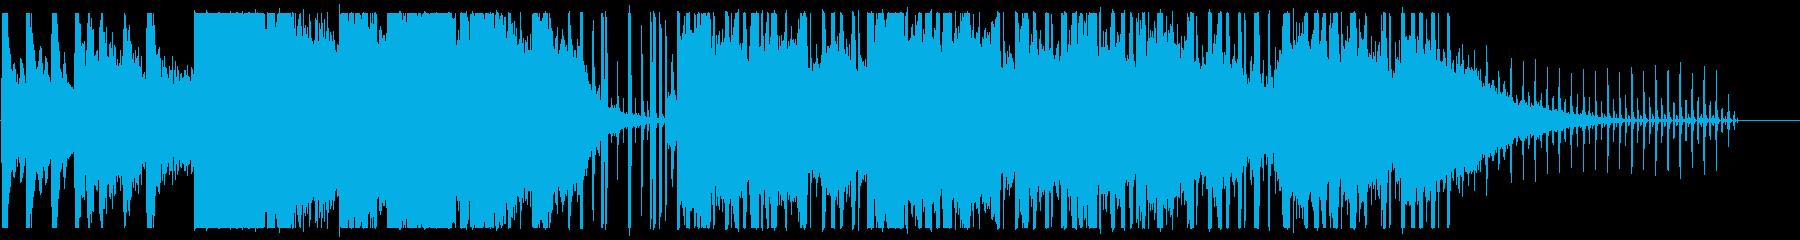 終電 Lofichill ローファイの再生済みの波形